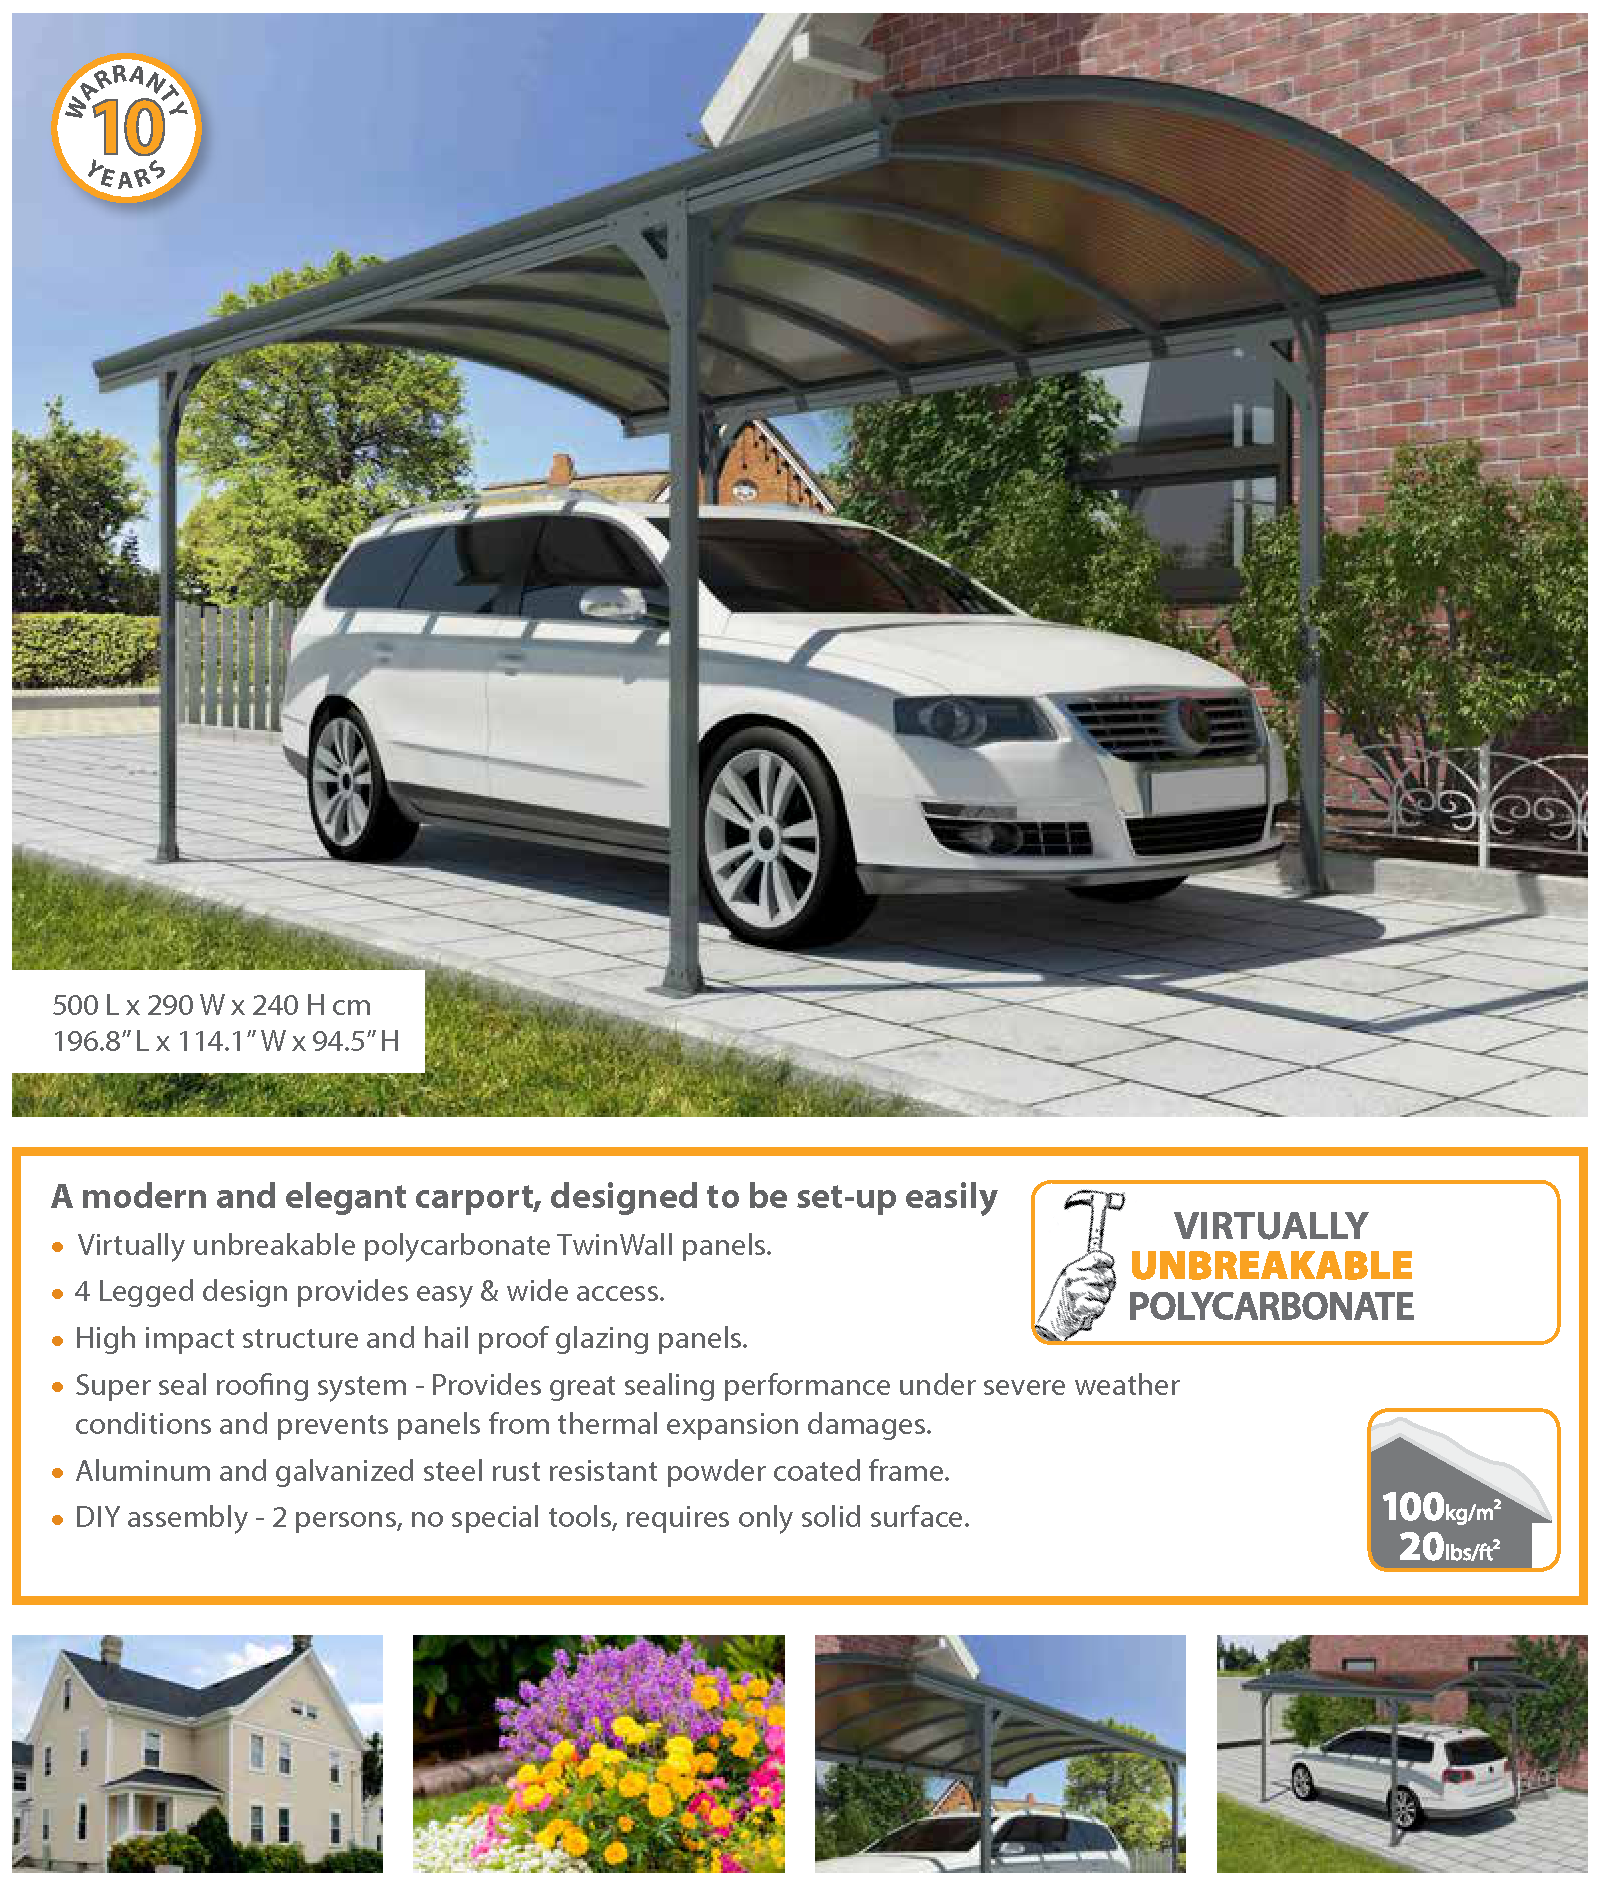 vitoria_5000_carport_leaflet_p1